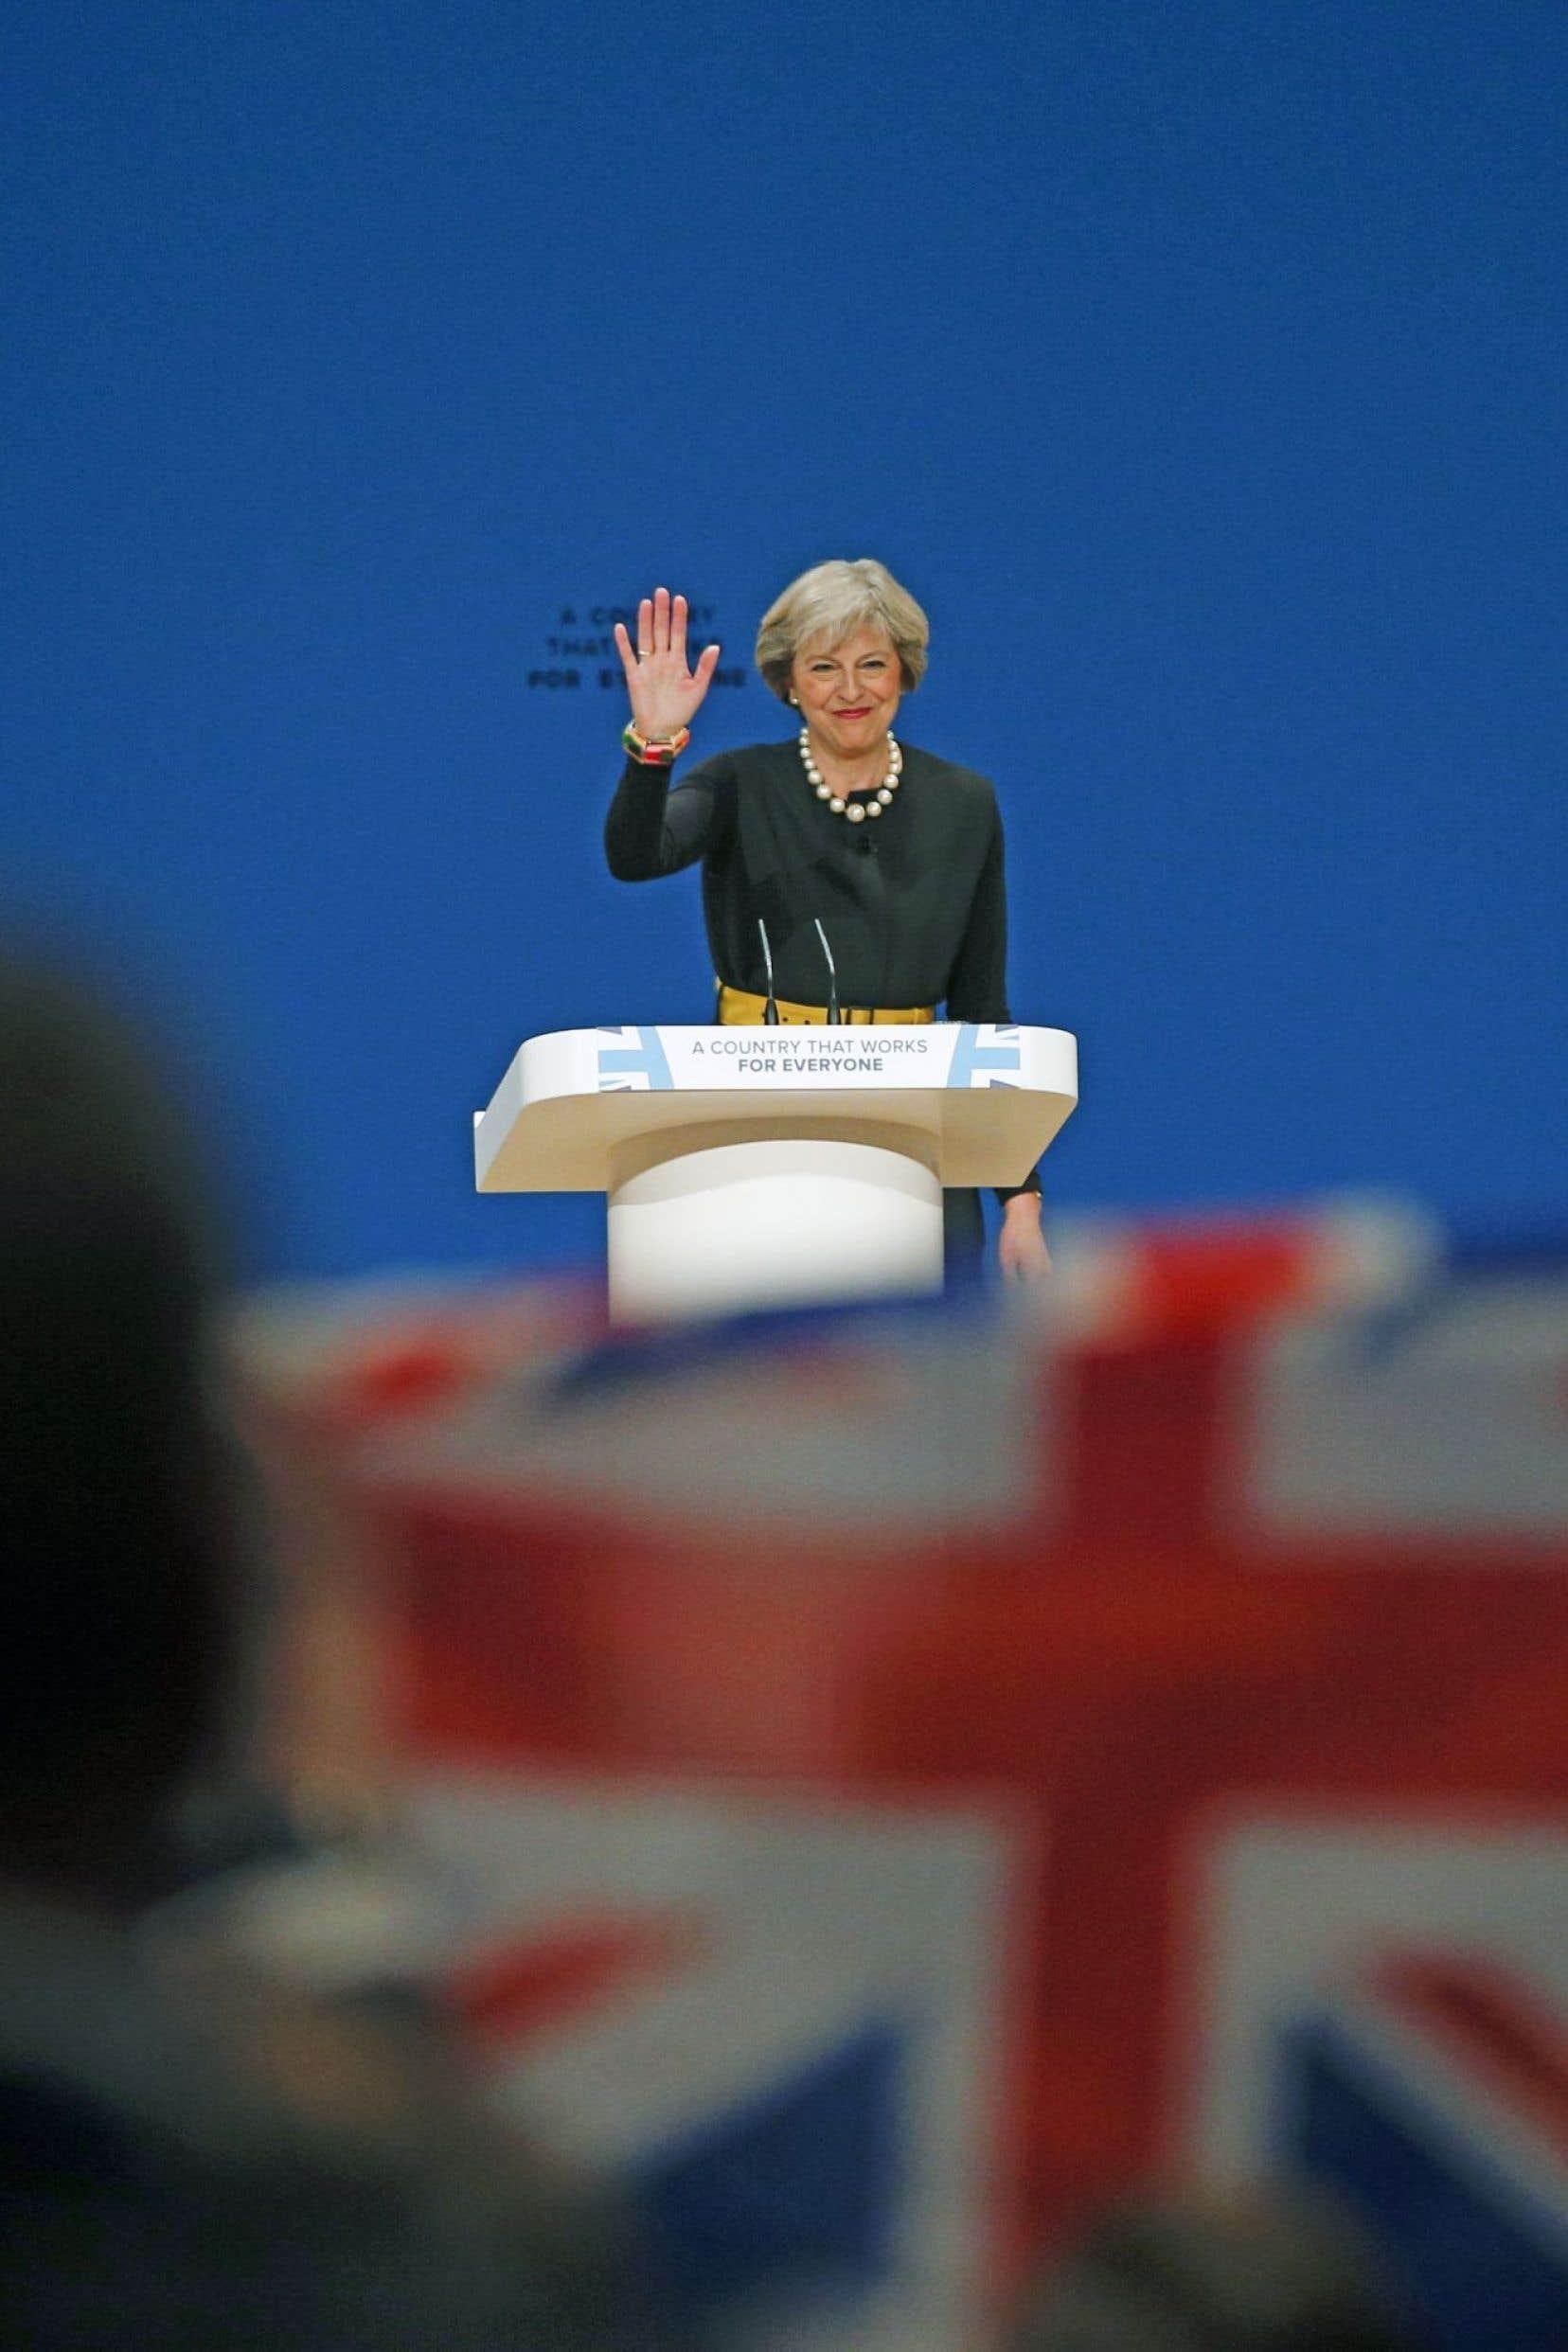 Devant des militants réunis à Birmingham pour le congrès annuel du Parti conservateur, Theresa May a annoncé un avenir radieux au sein d'un Royaume-Uni «totalement indépendant».